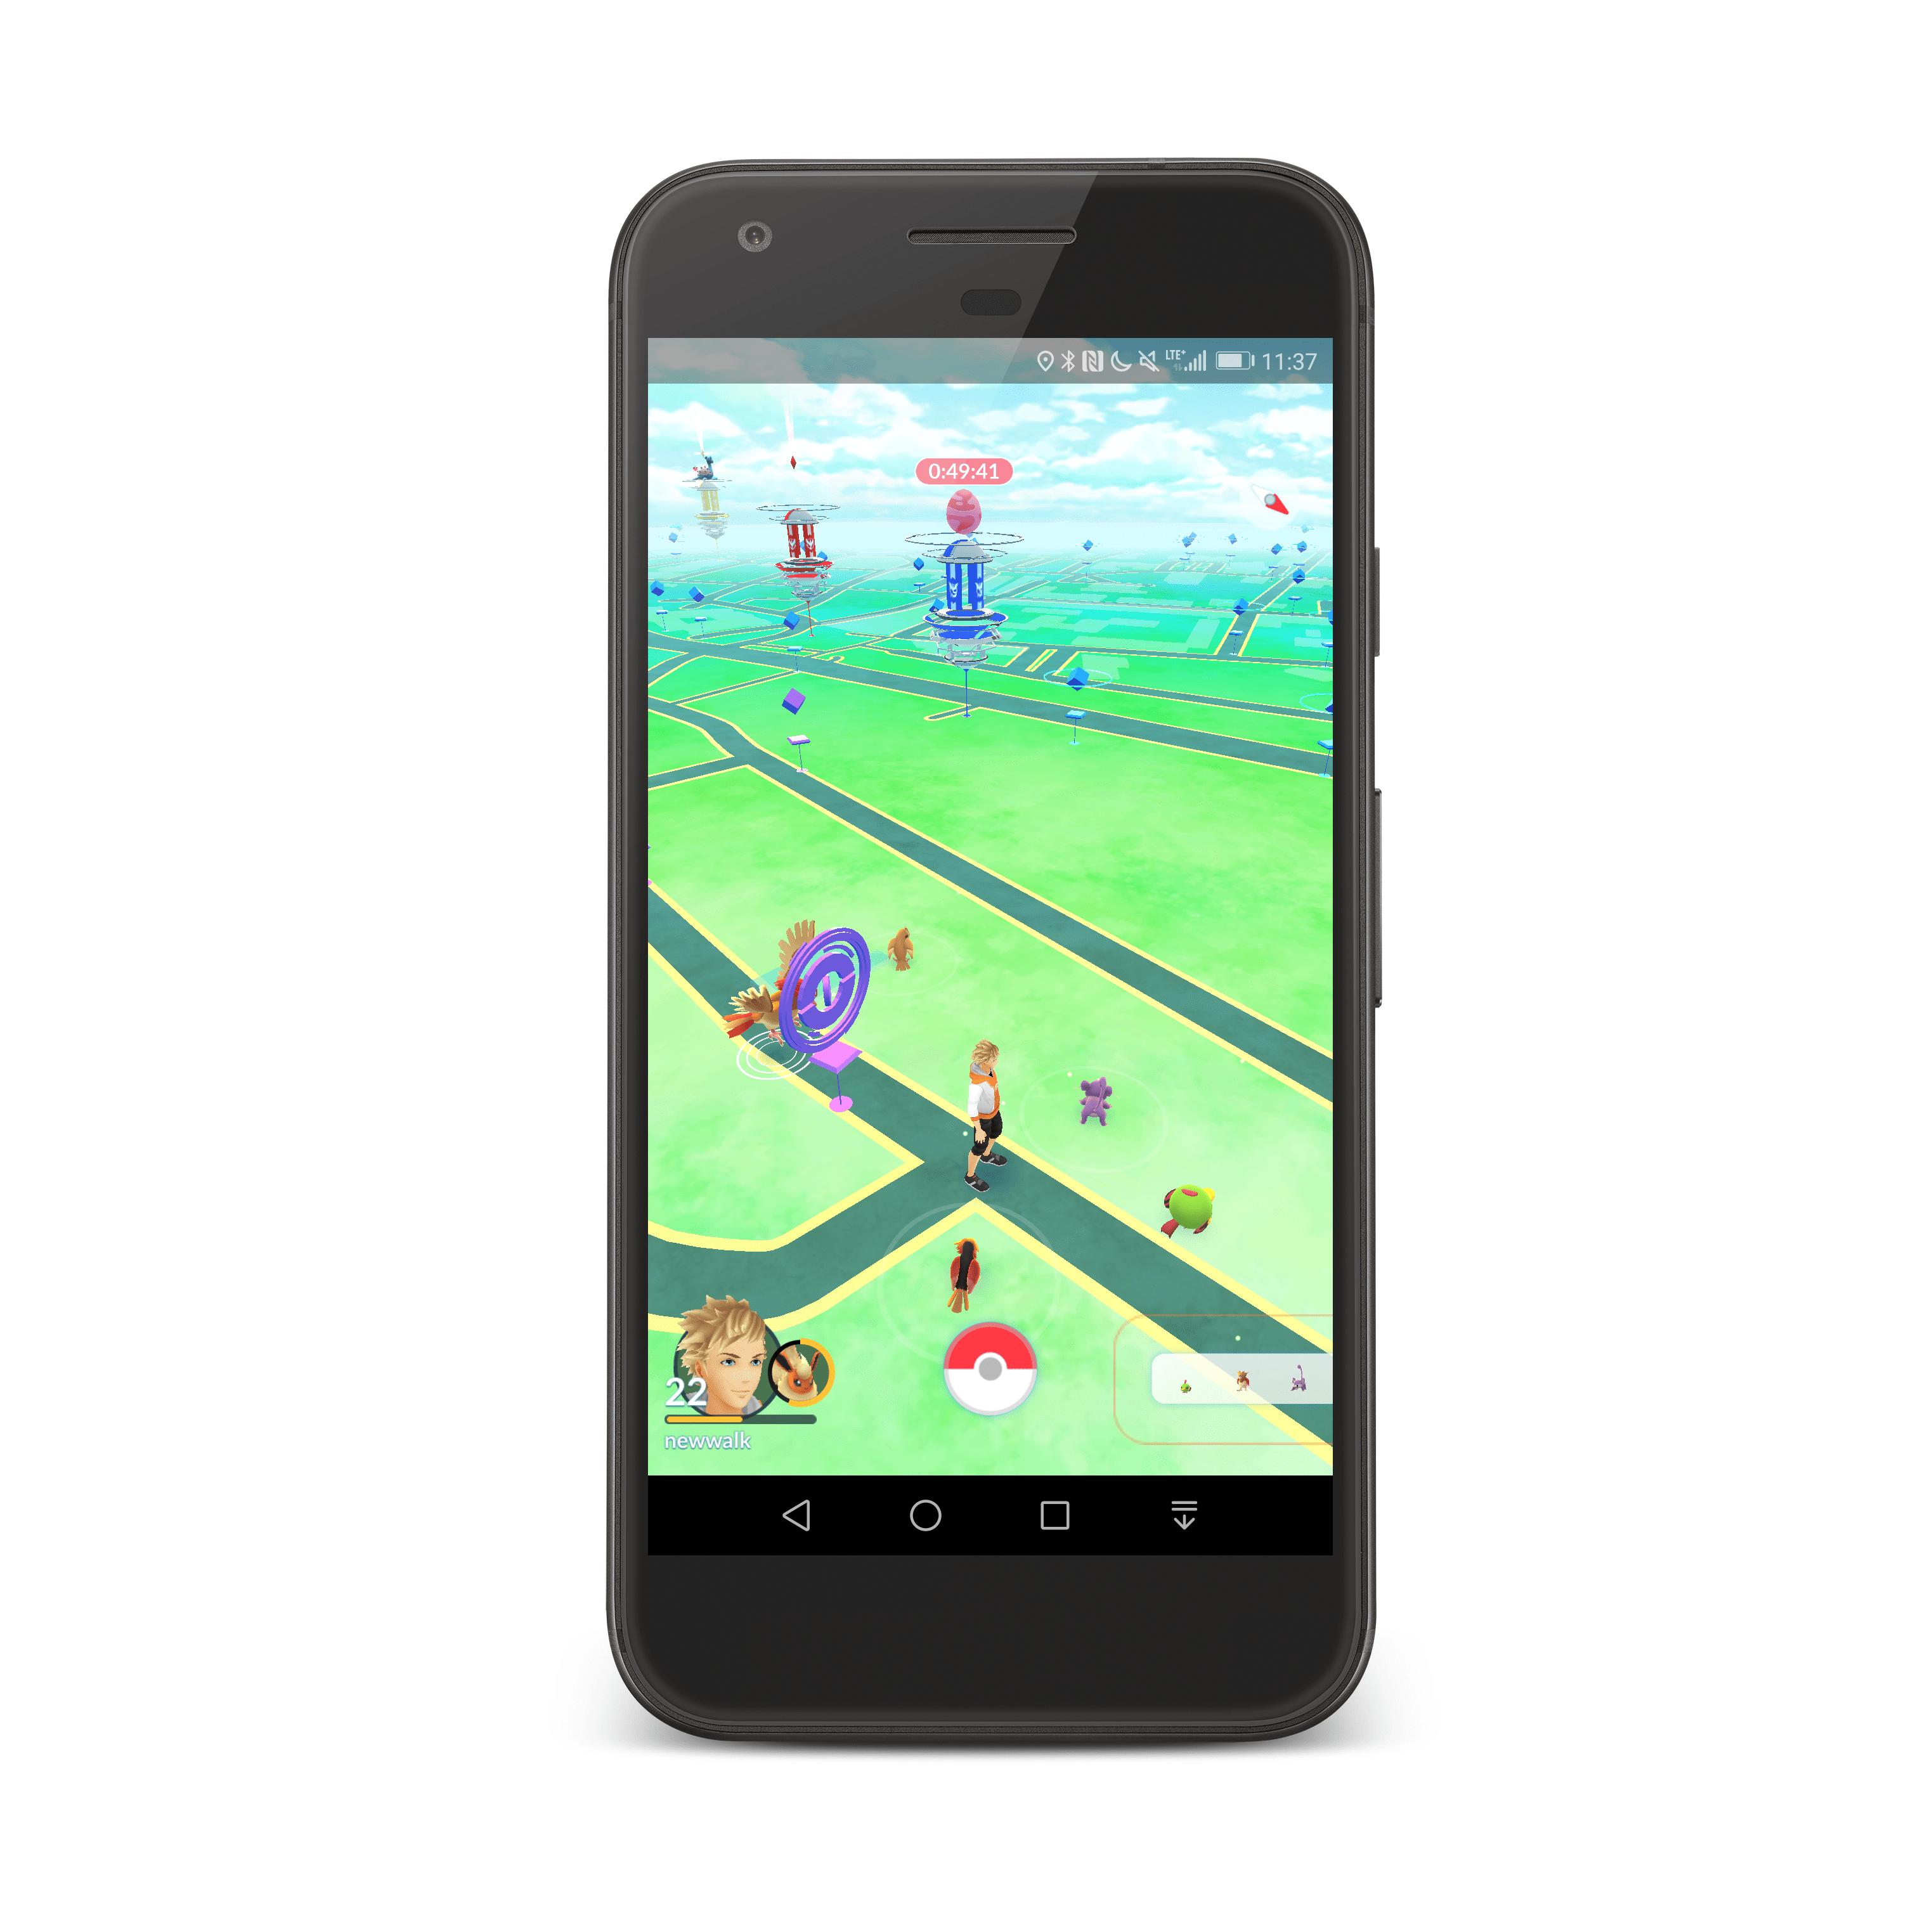 Całkiem spora gromadka Pokemonów w jednym miejscu.